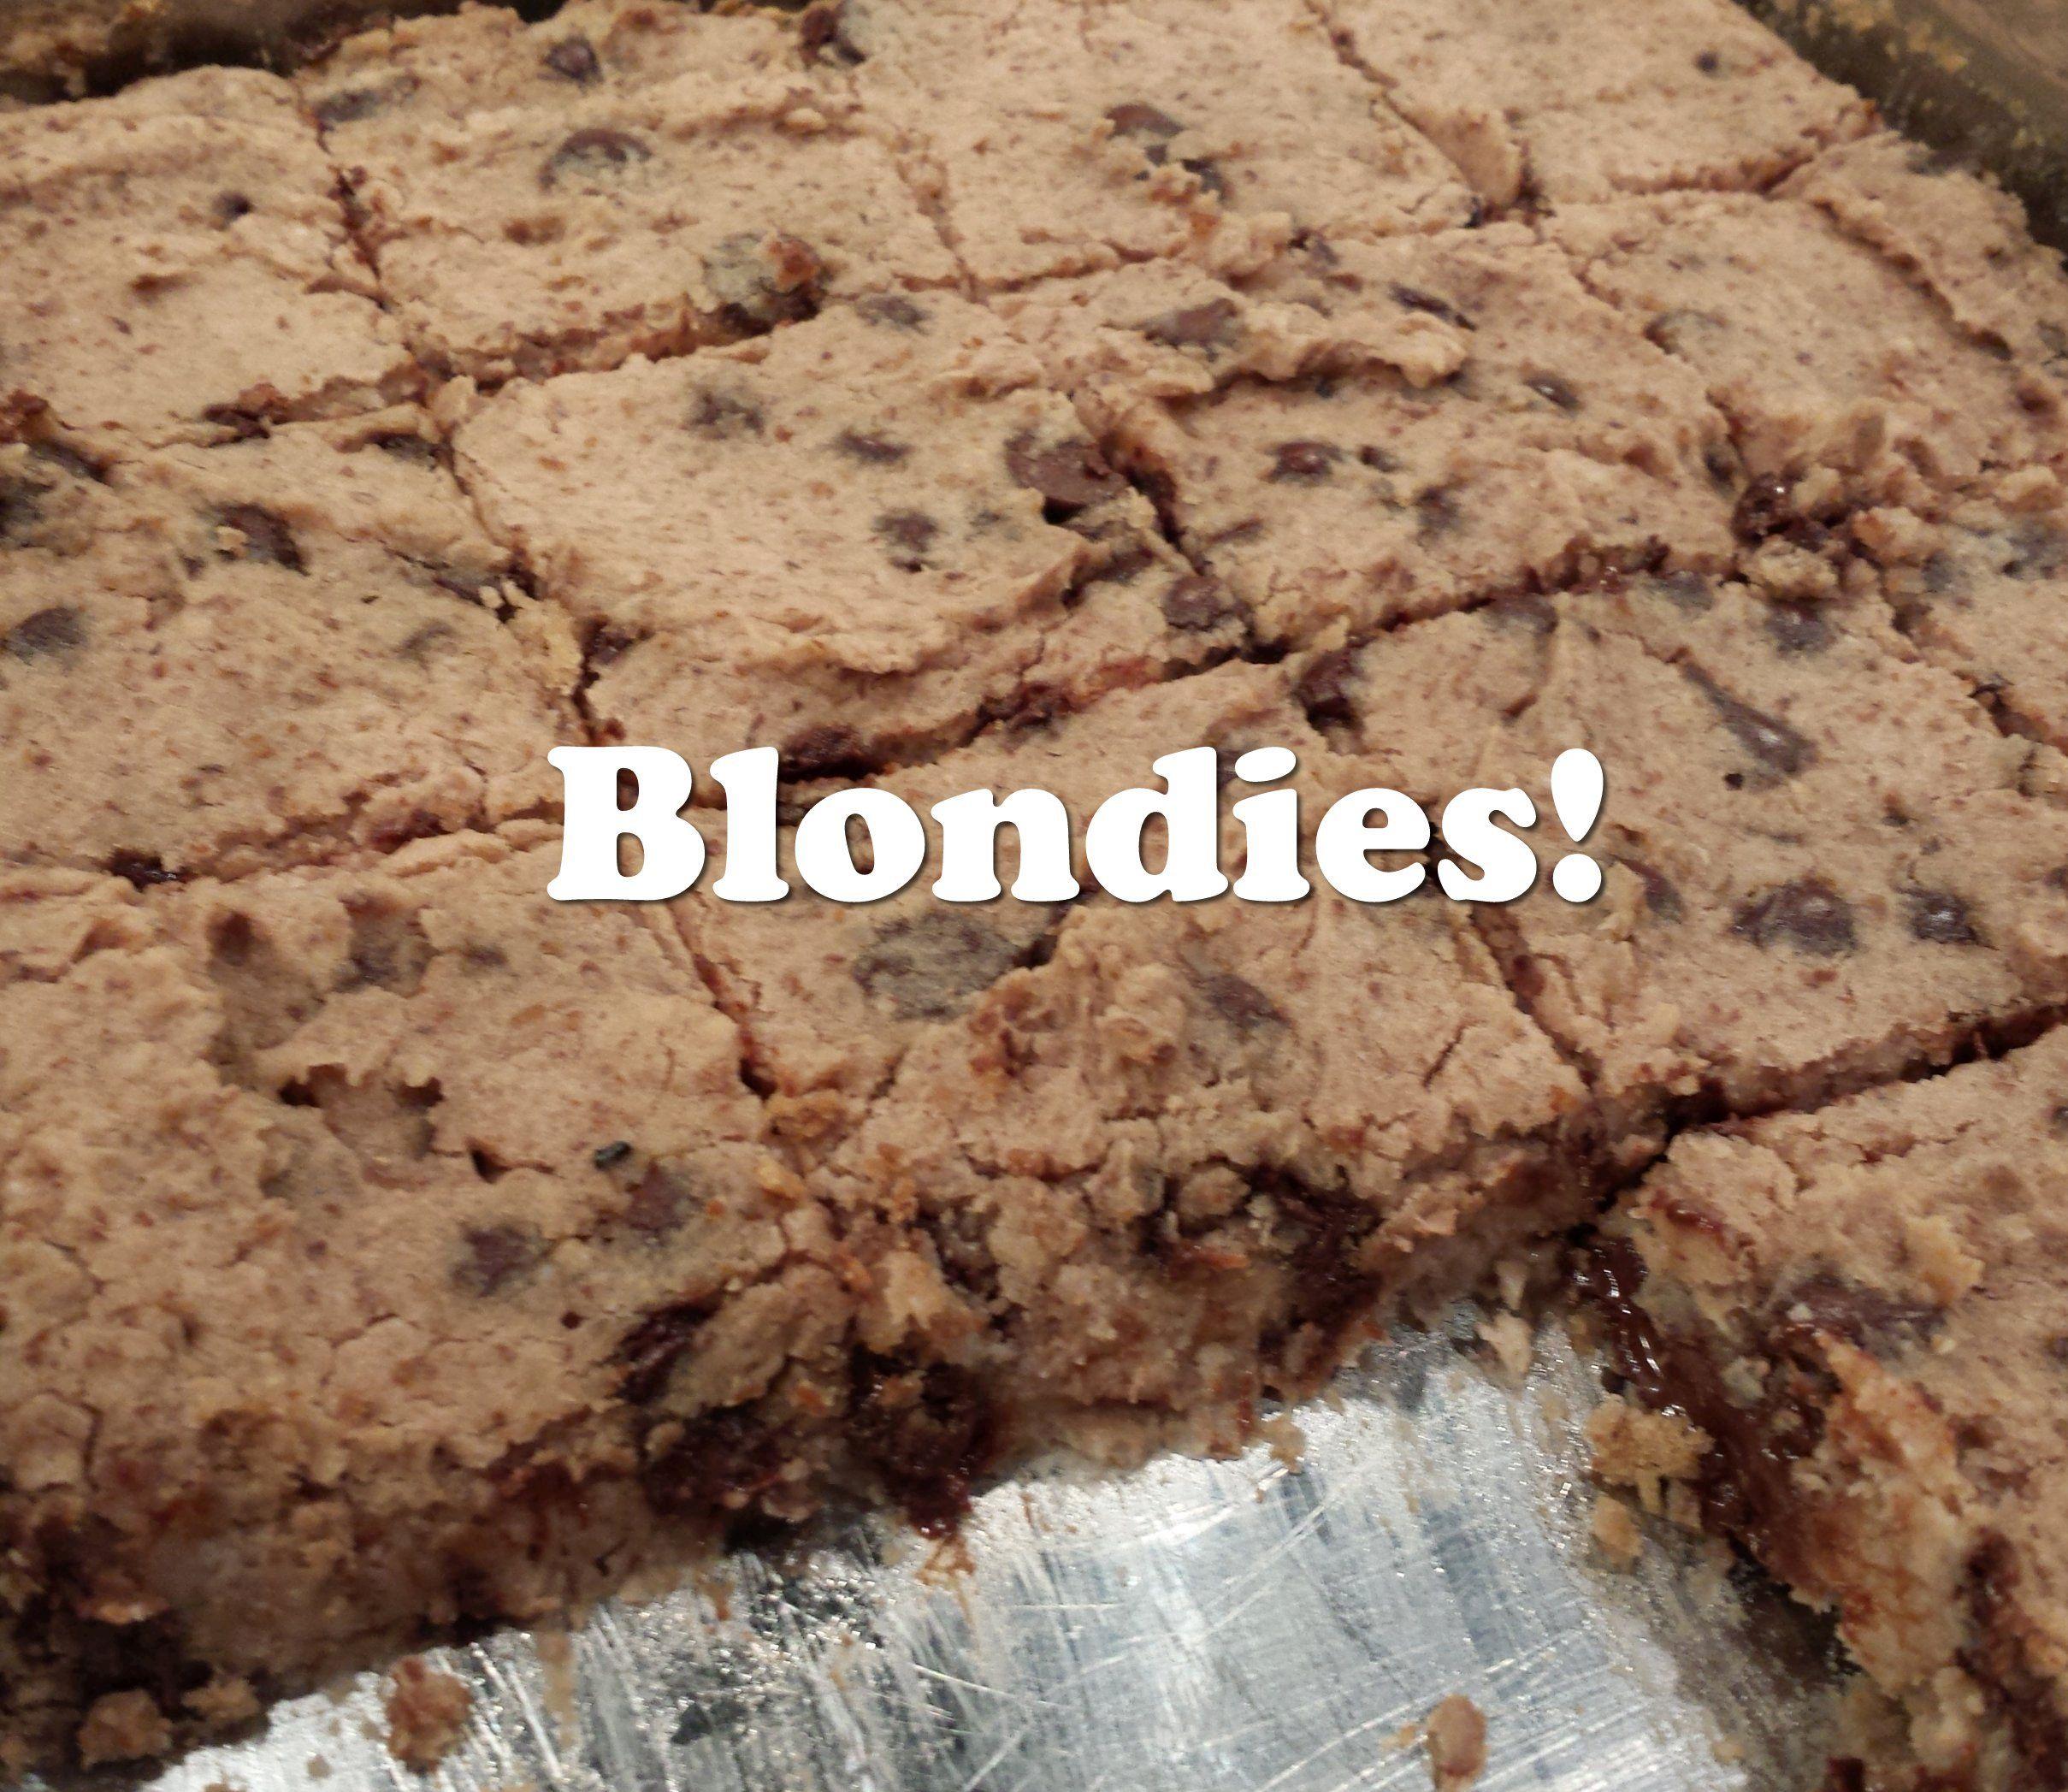 Blondies!